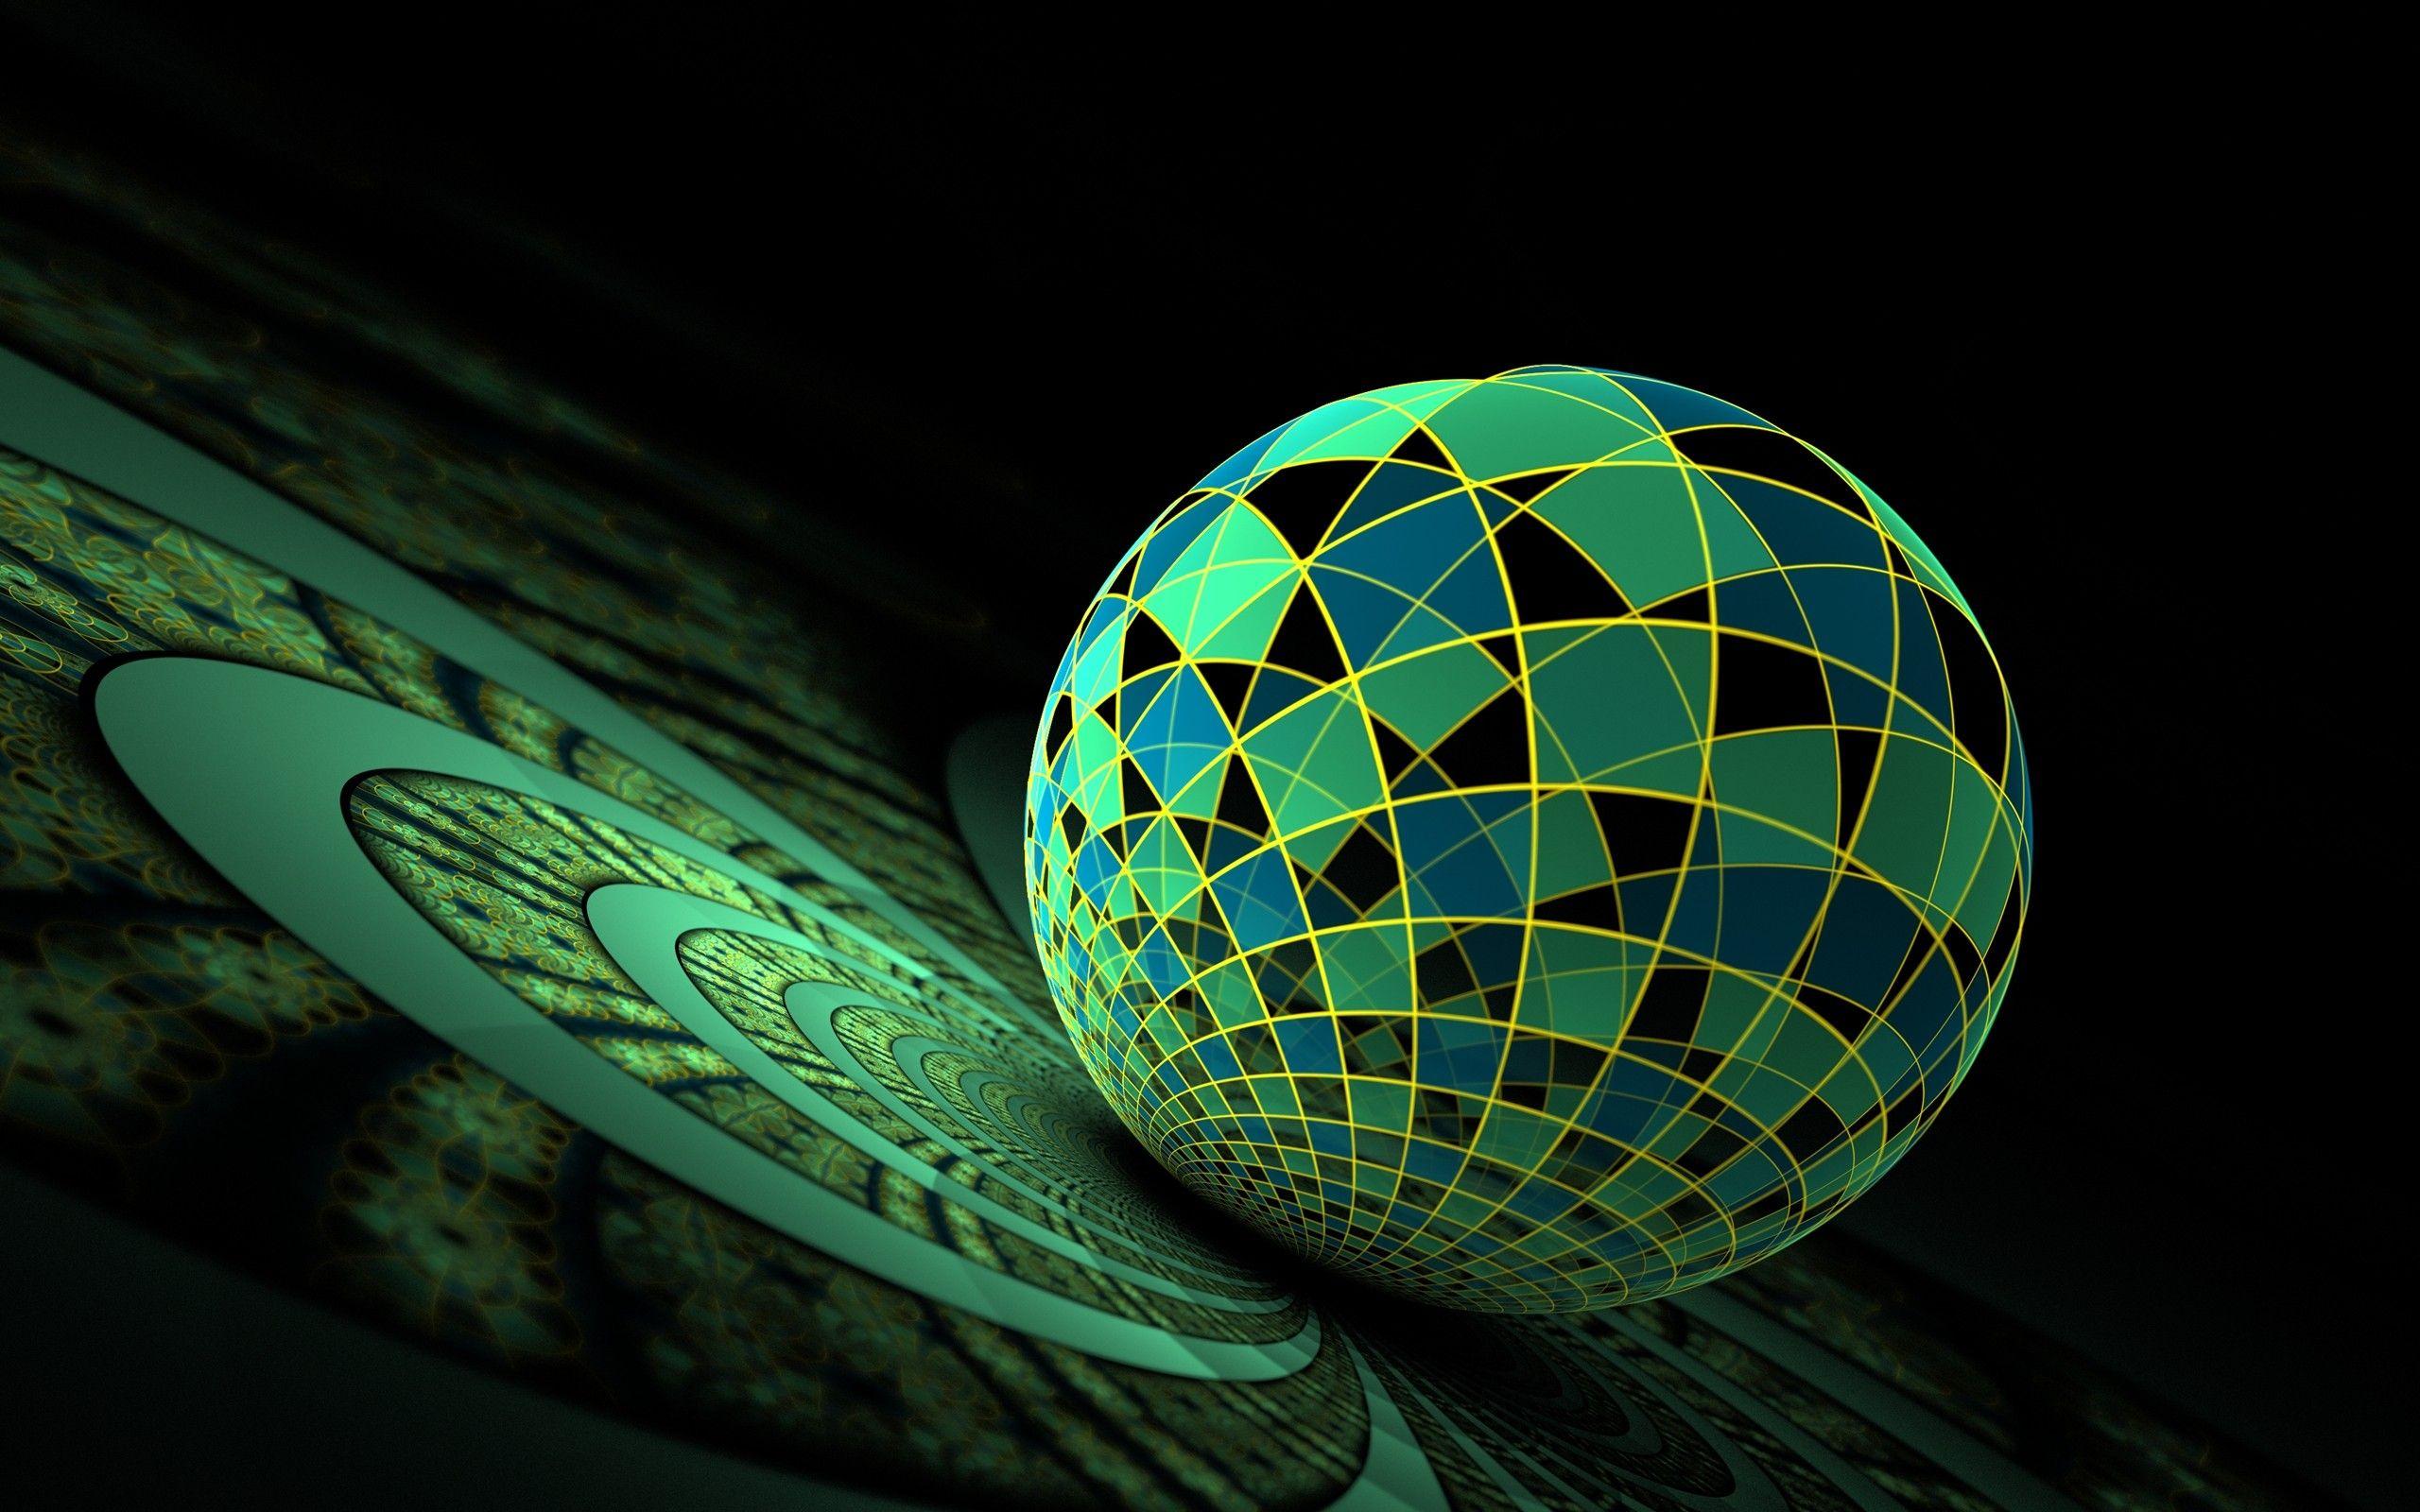 Light abstract blue stars patterns digital art backgrounds D art